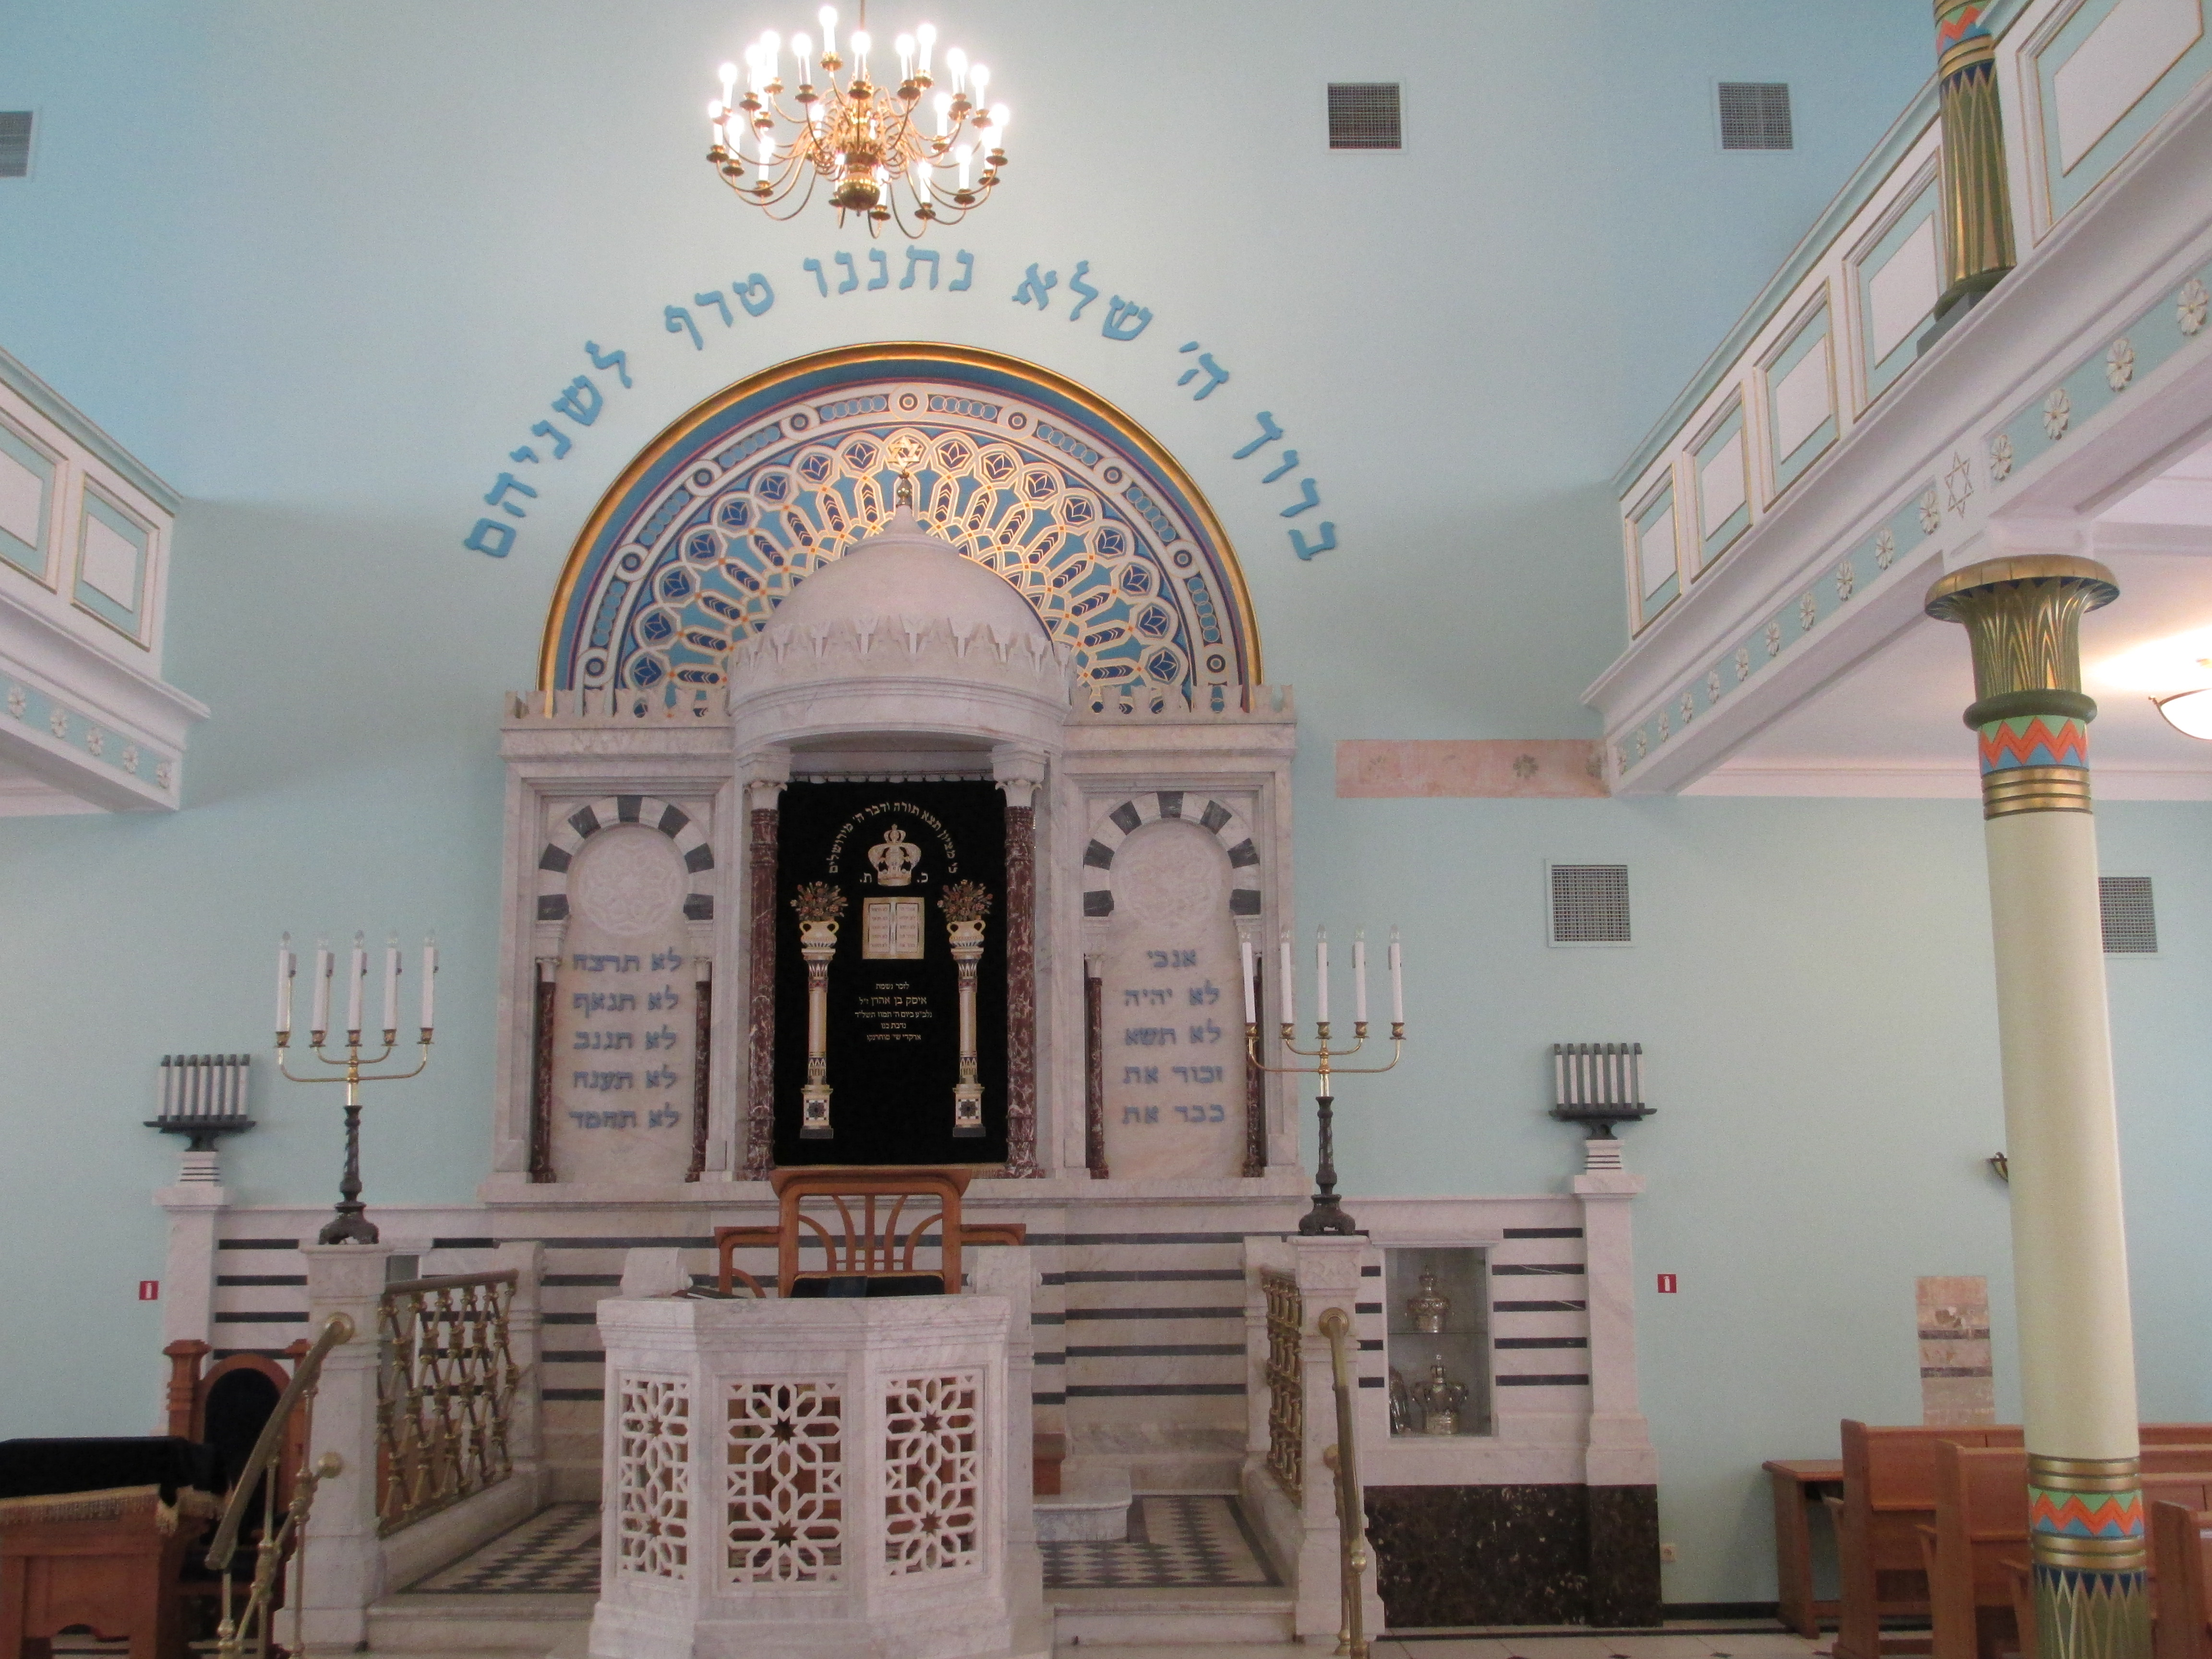 Innenansicht der Synagoge von Riga. (Quelle: Avi1111 dr. avishai teicher via Wikimedia Commons unter CC BY-SA 3.0 Lizenz)